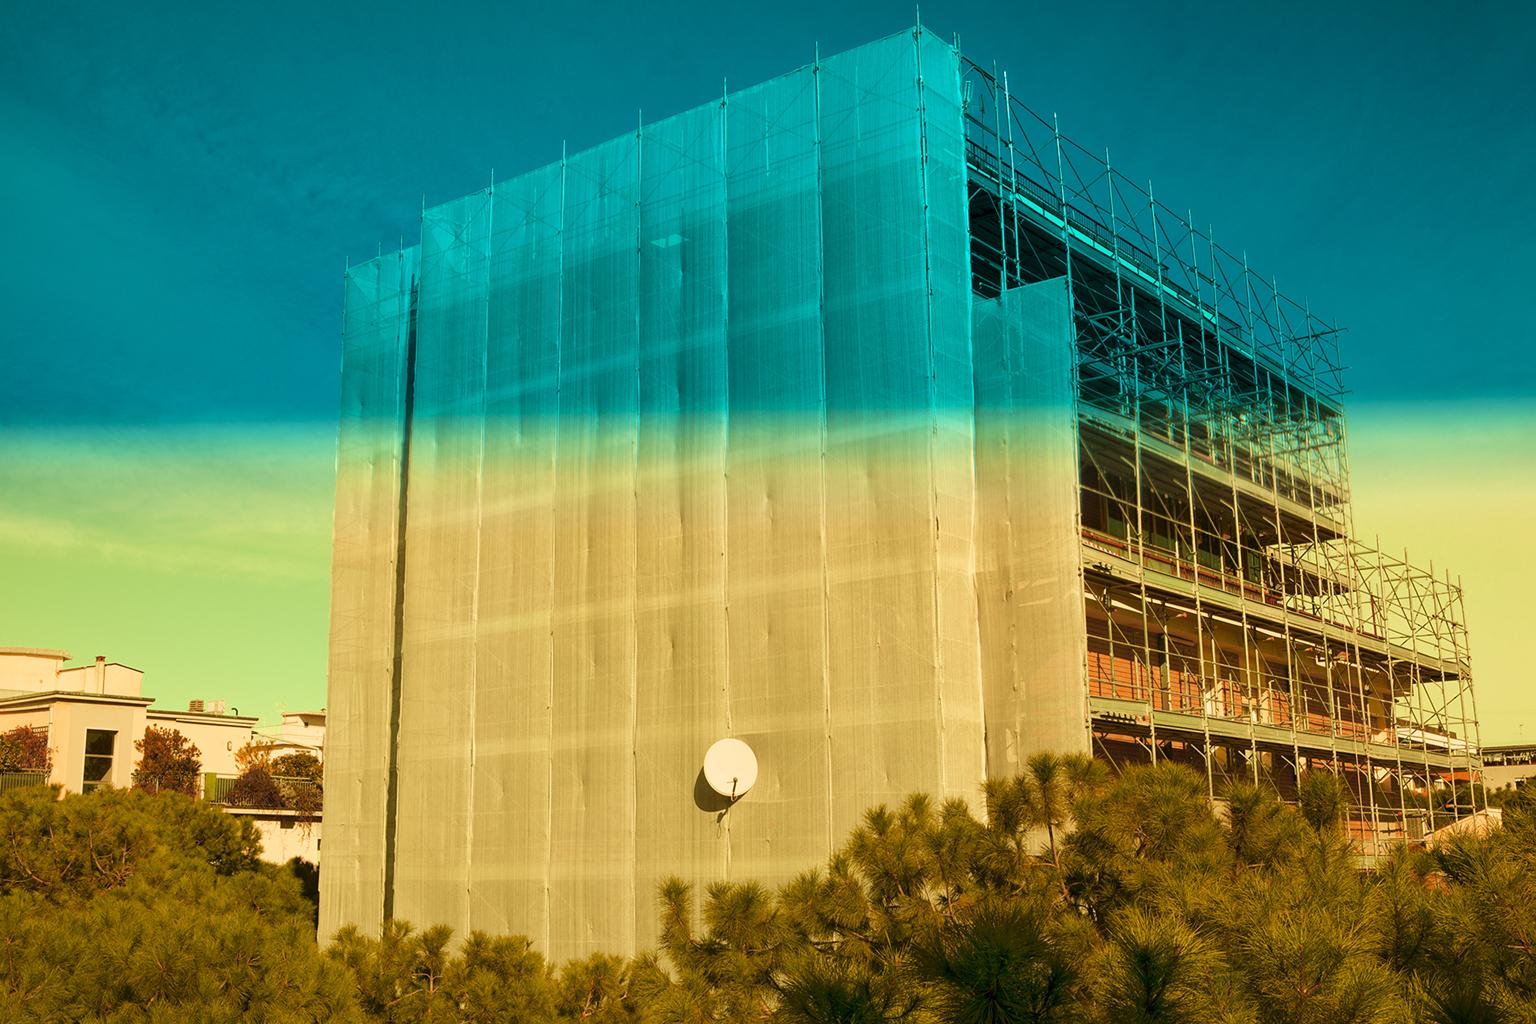 spectrum-de-federica-landi-sur-oai13-13